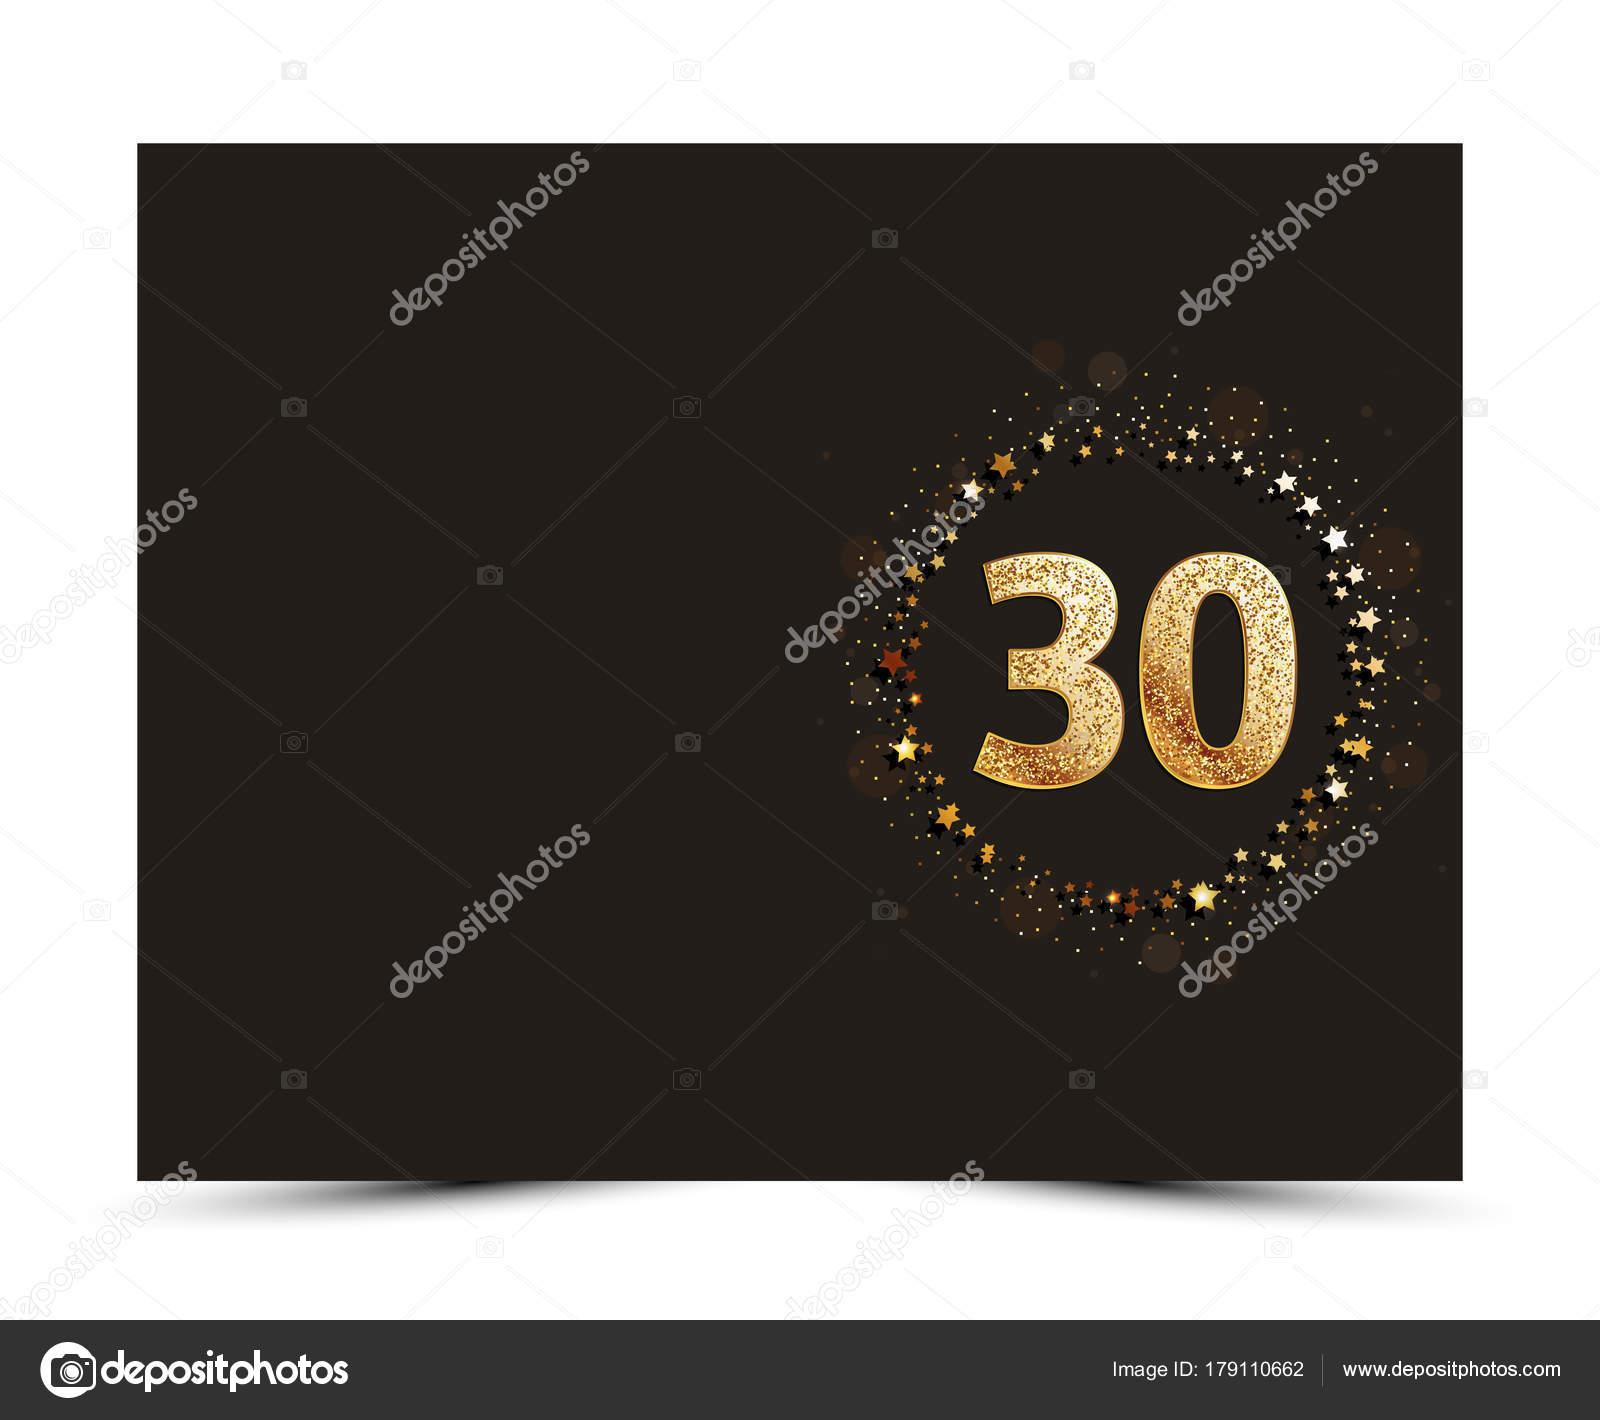 Imágenes Invitacion De Aniversario Modelo 30 Años De